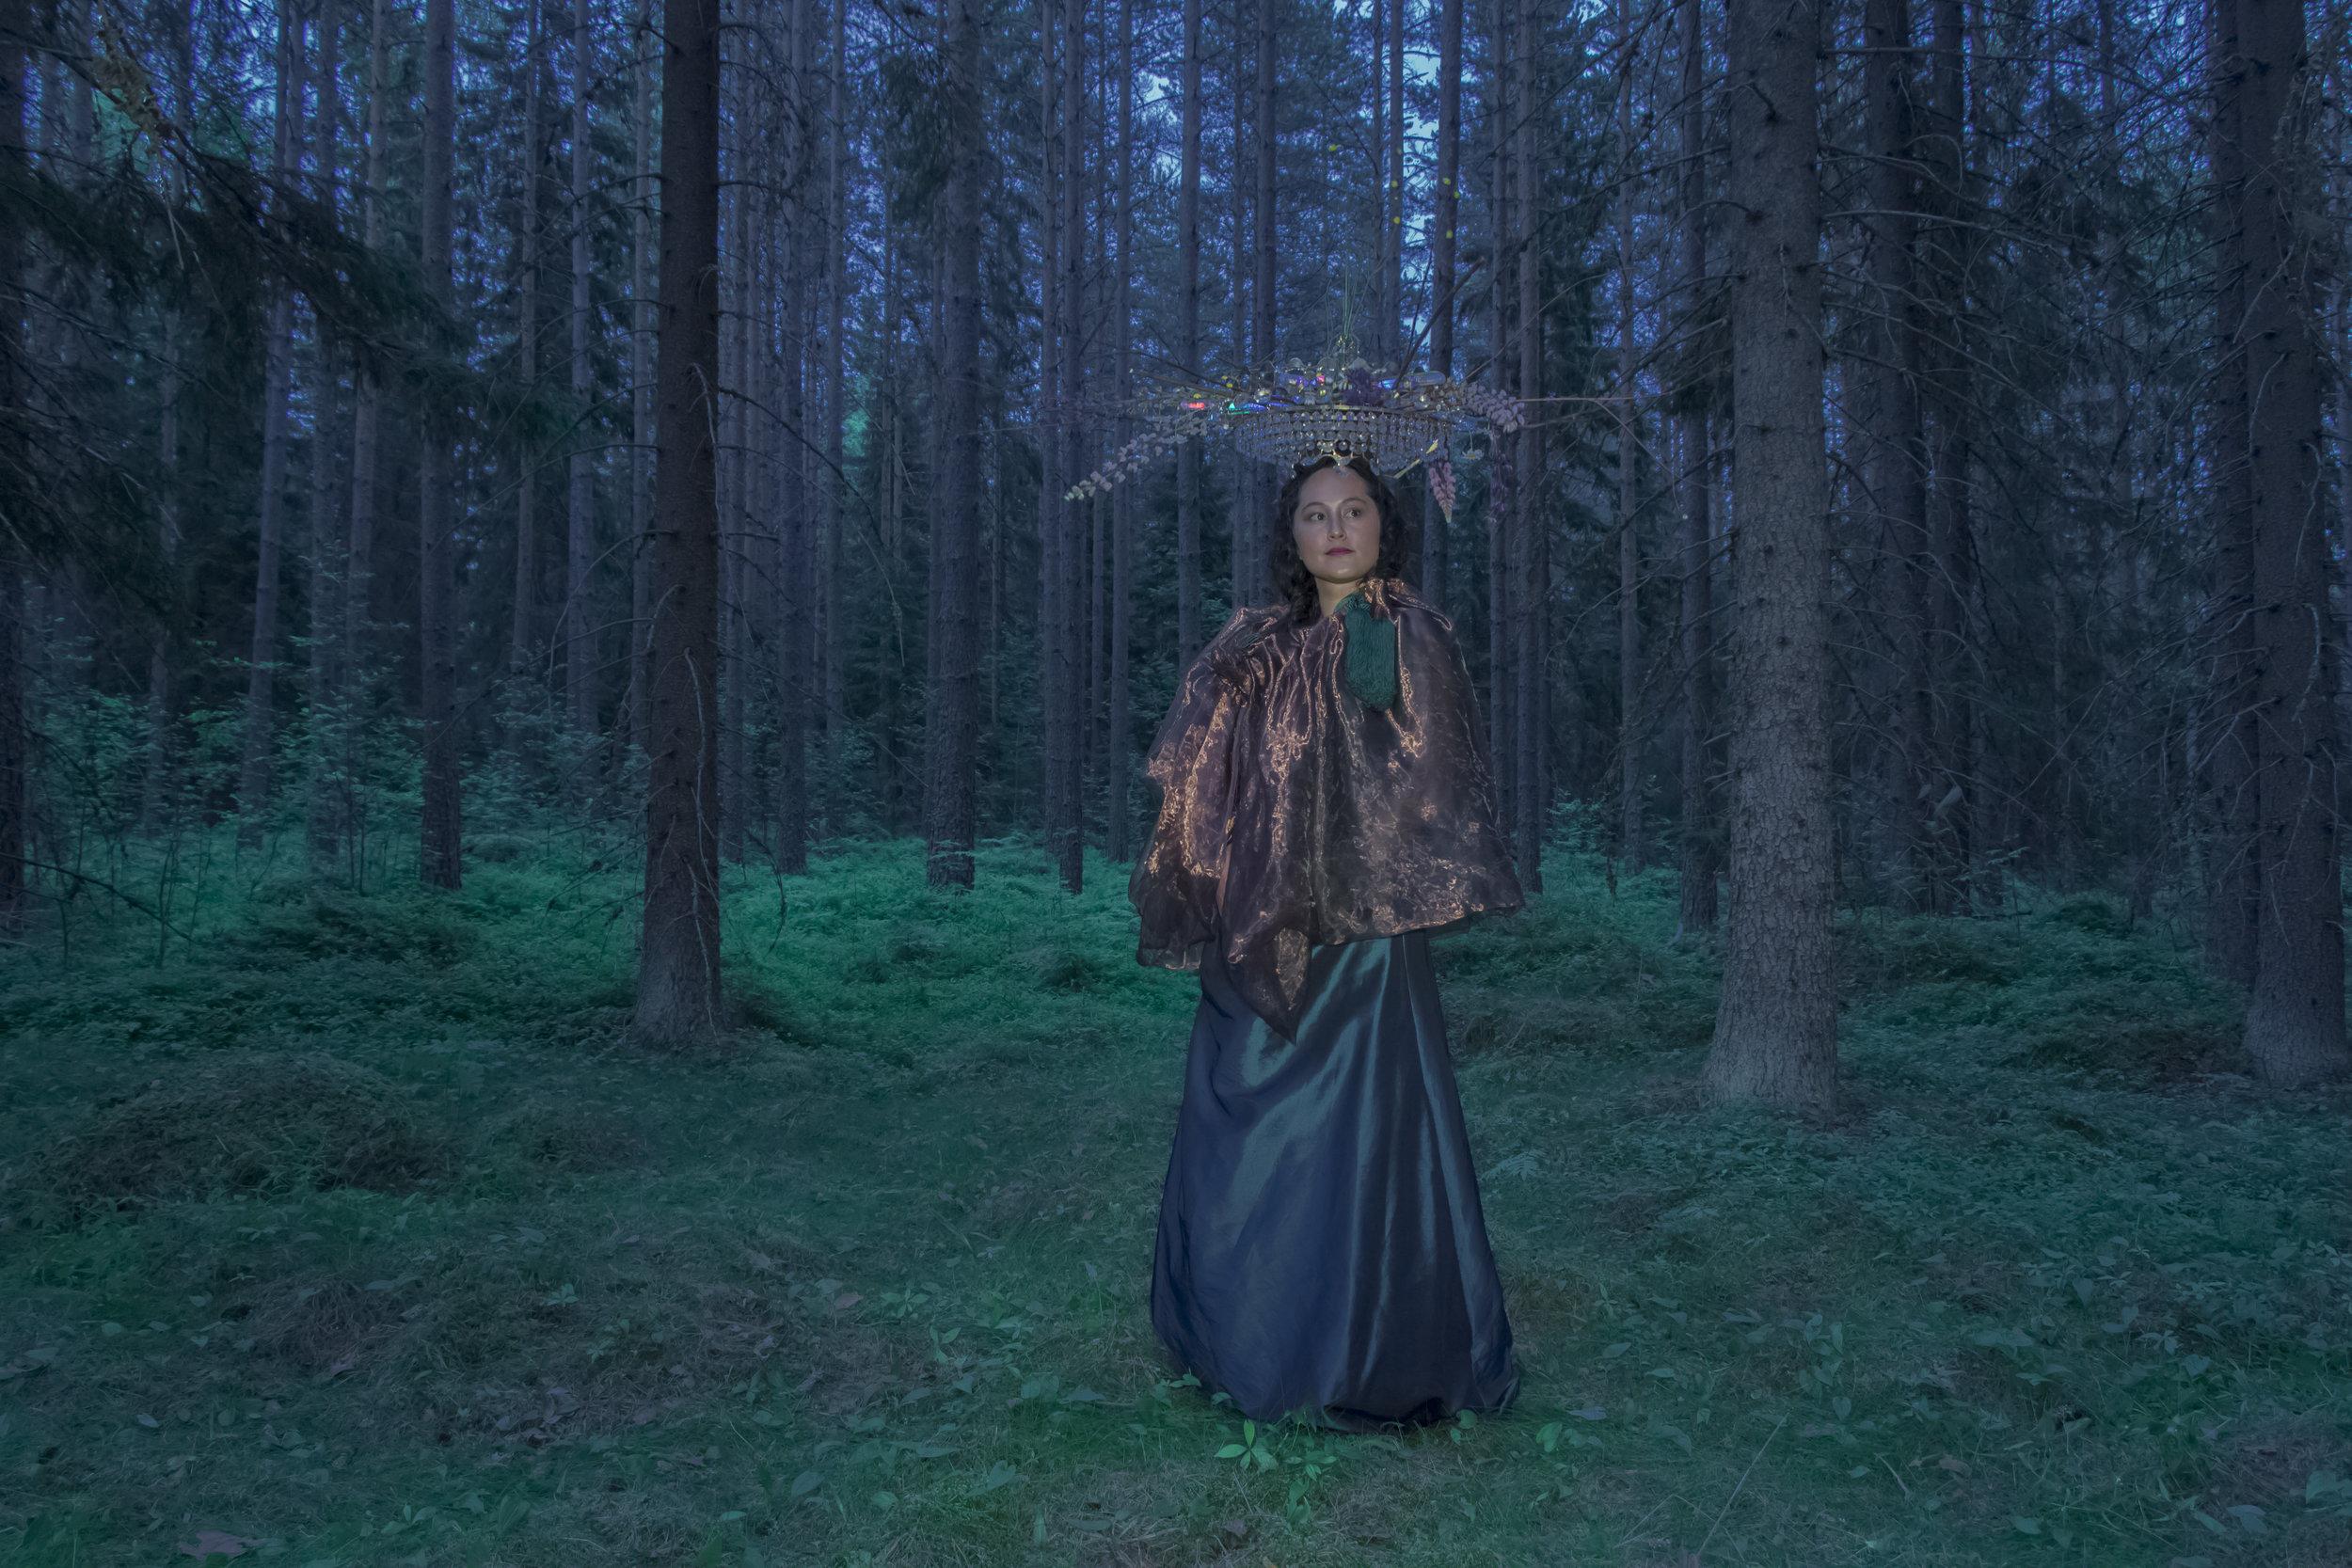 Cy-Gorman-Augmented-Organism-Fashion-Forest.jpg